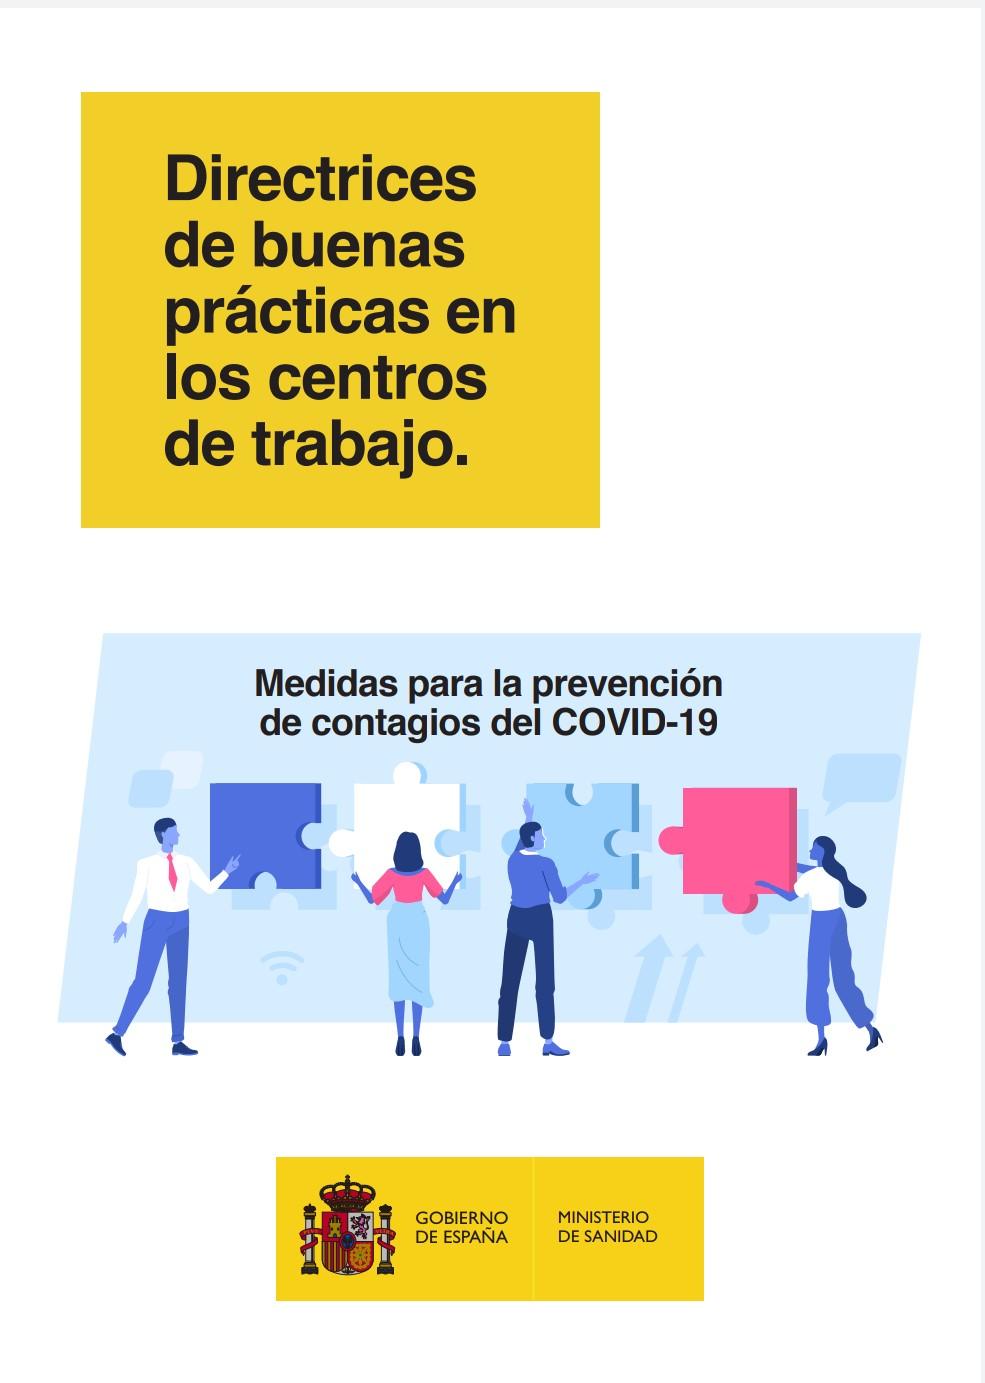 GUÍA DE DIRECTRICES DE BUENAS PRÁCTICAS EN CENTROS DE TRABAJO, PARA LA INCORPORACIÓN DE TRABAJADORES EL PRÓXIMO LUNES 13 DE ABRIL DE 2020.